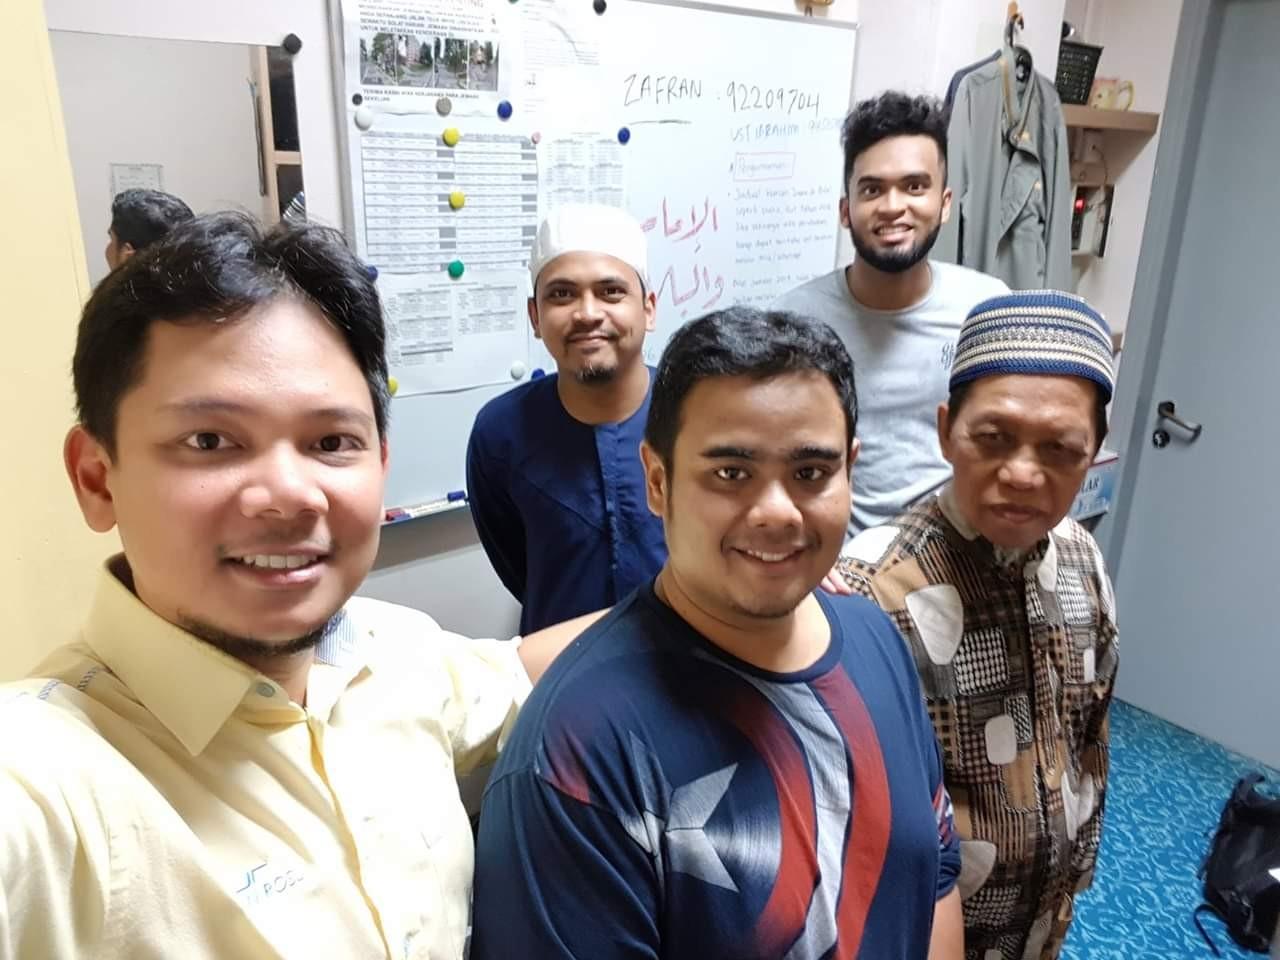 Tempahan jubah imam coat untuk masjid al-khair chua chu kang Singapura